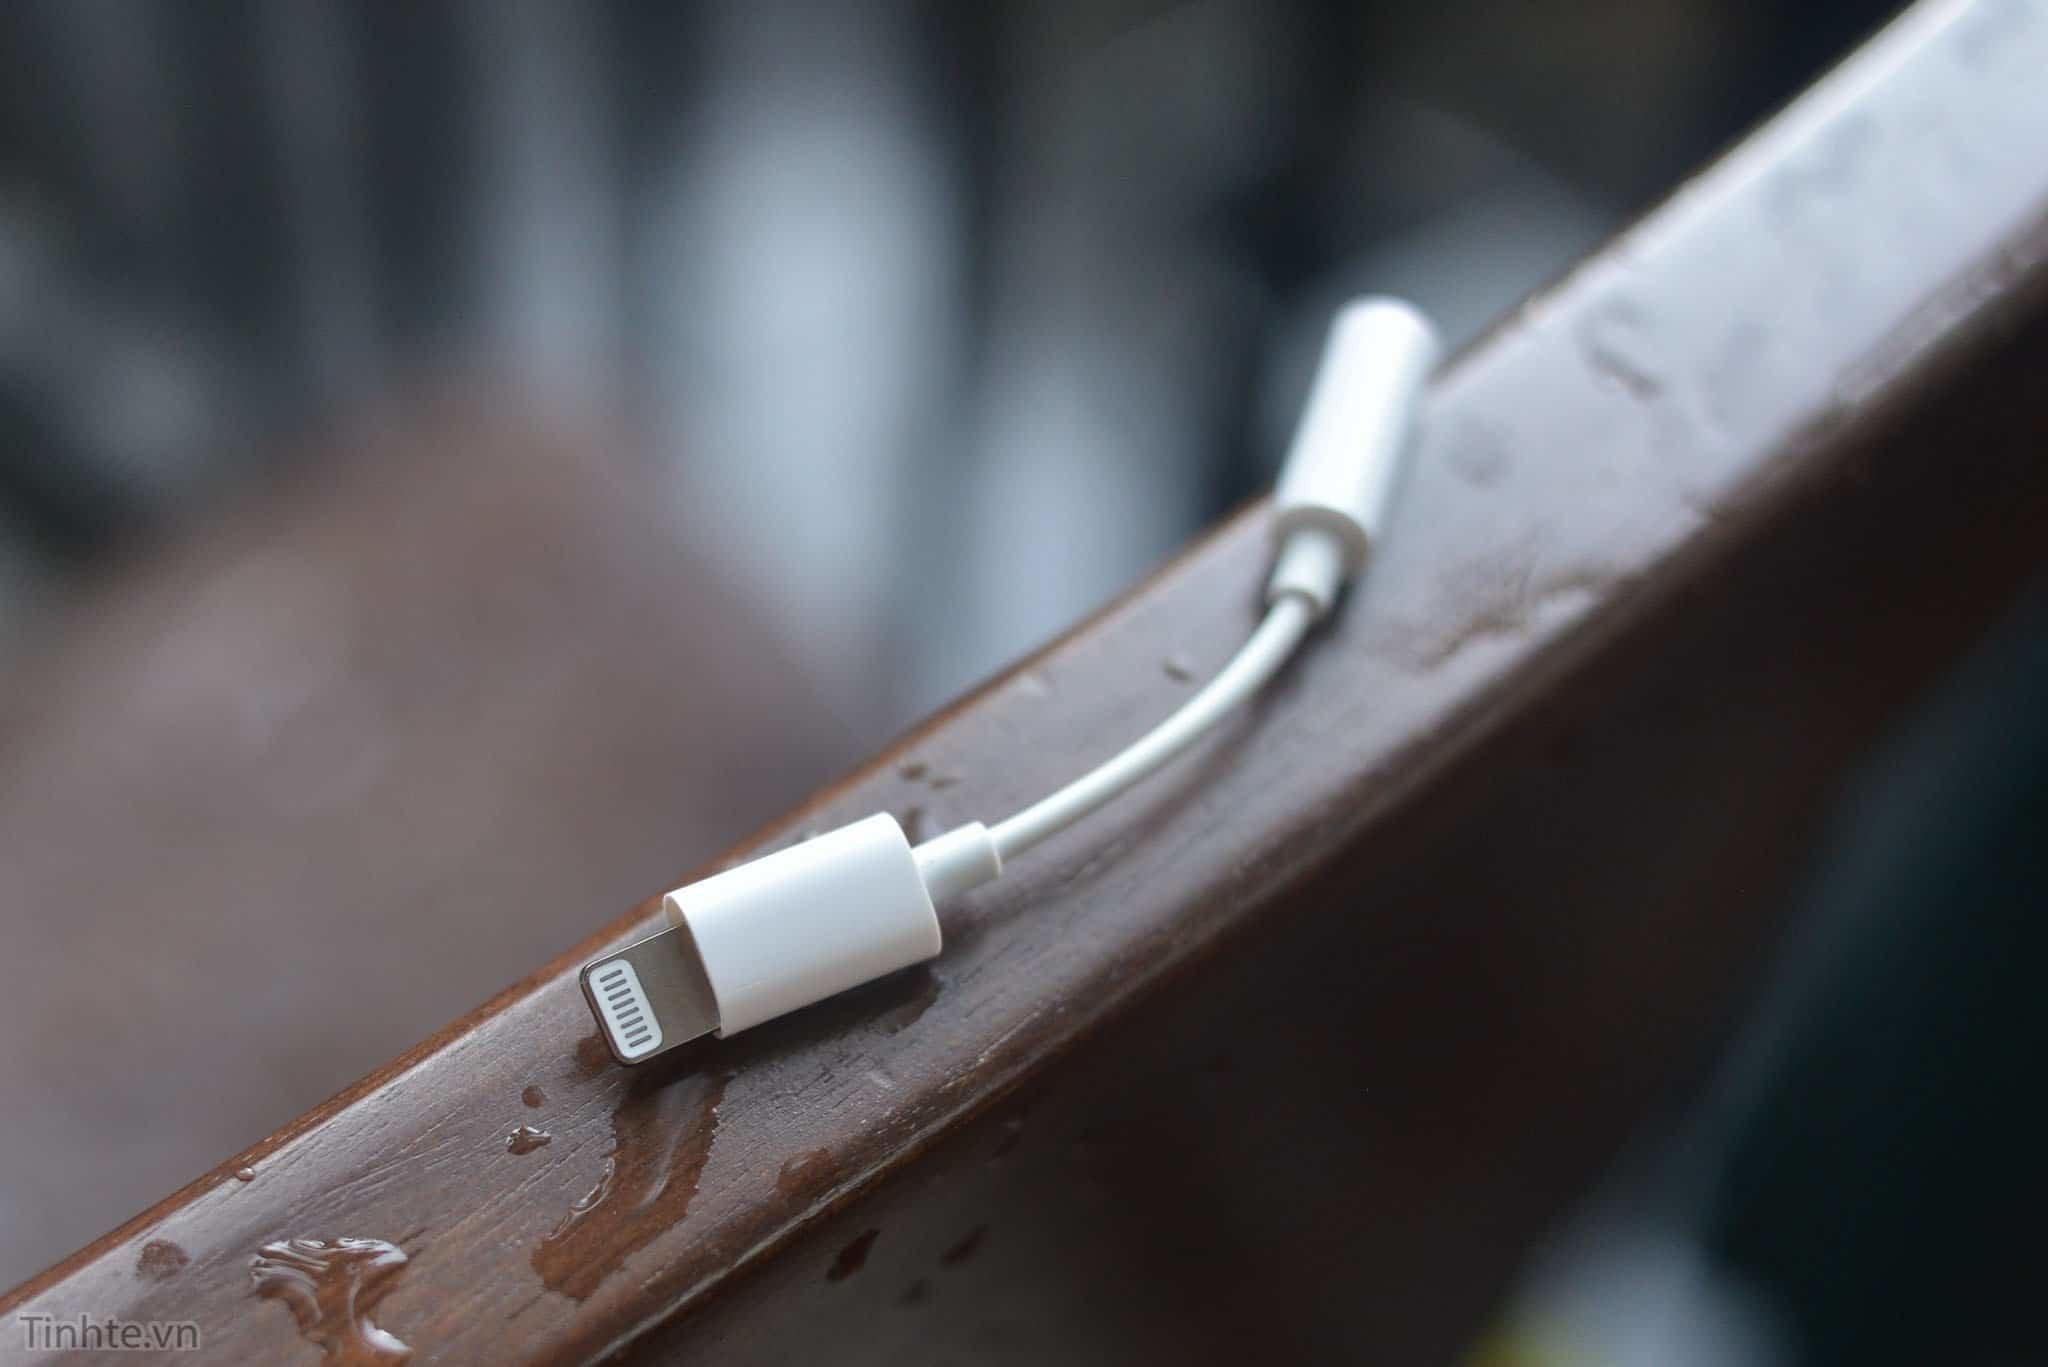 Ist das der Lightning-Klinke-Adapter für das iPhone 7?